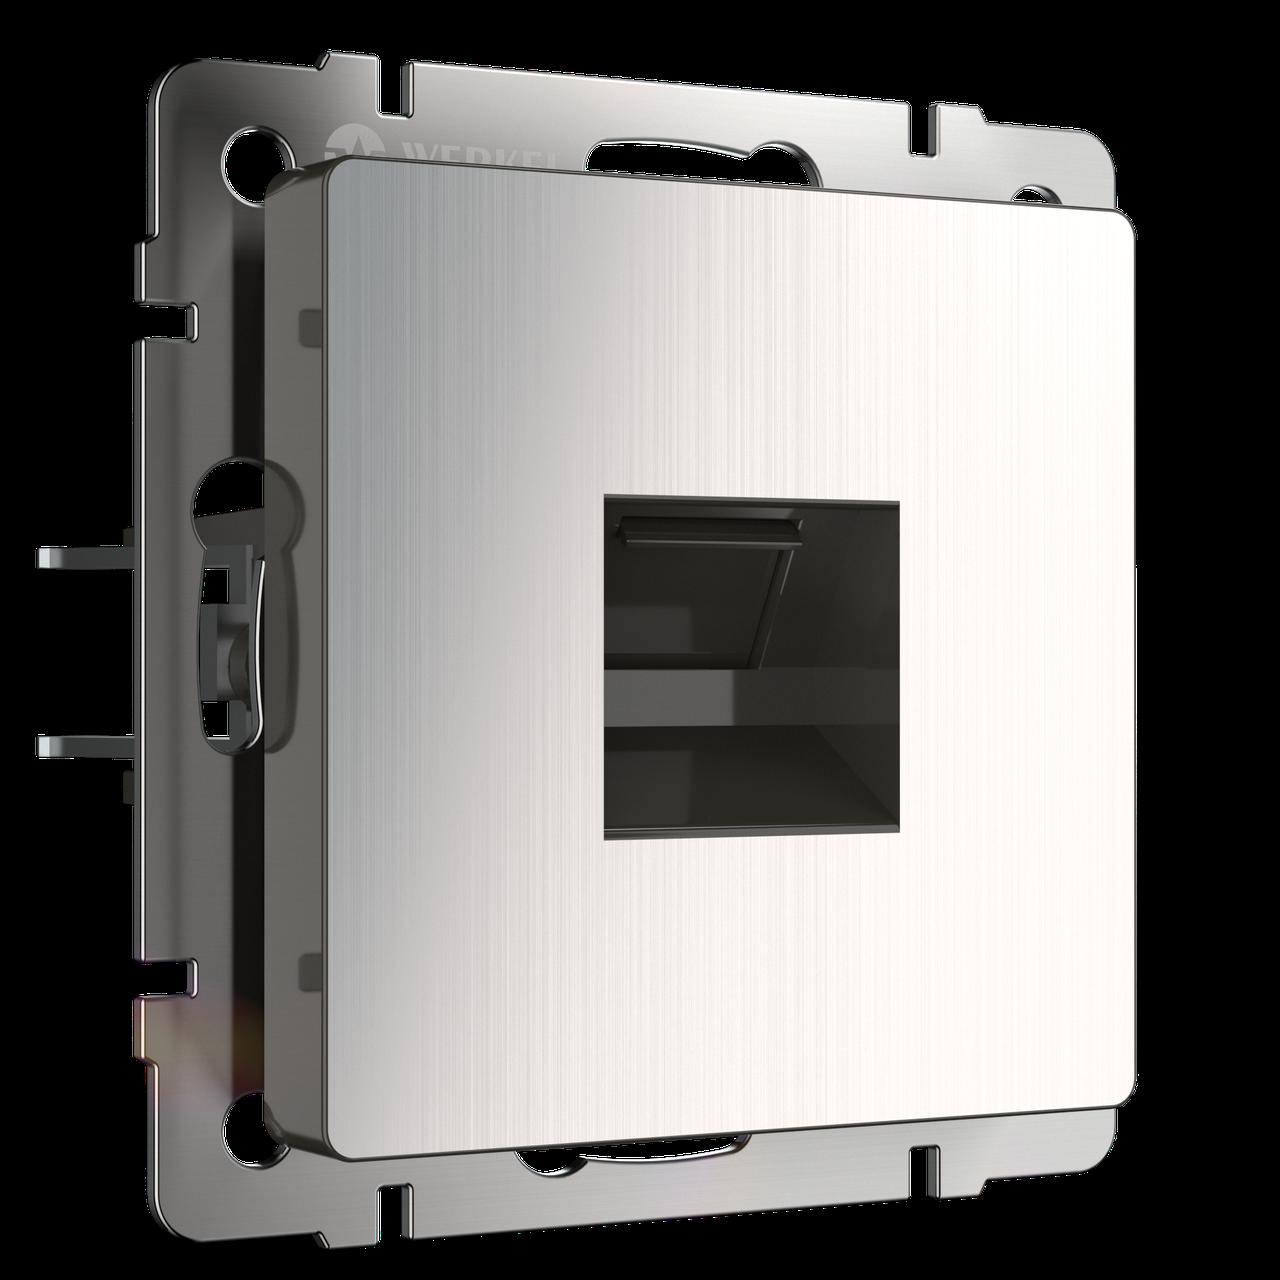 Розетка Ethernet RJ-45 /WL02-RJ-45 (глянцевый никель)